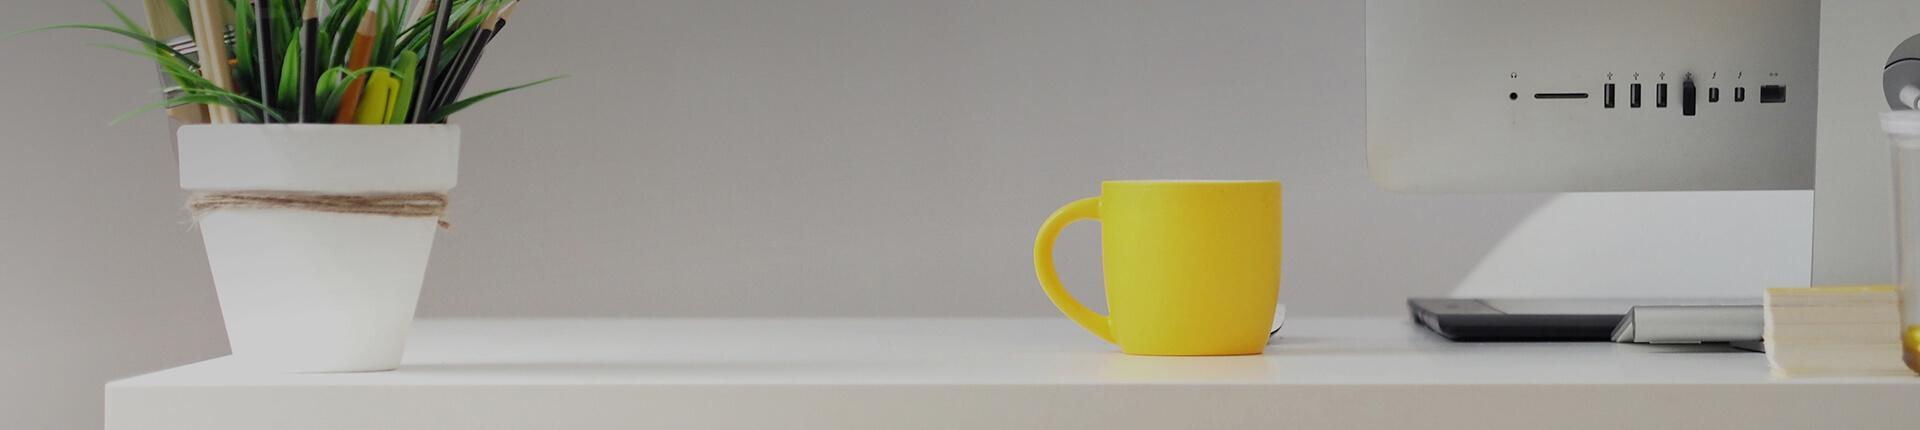 Pflanze, Tasse und Mac auf Schreibtisch